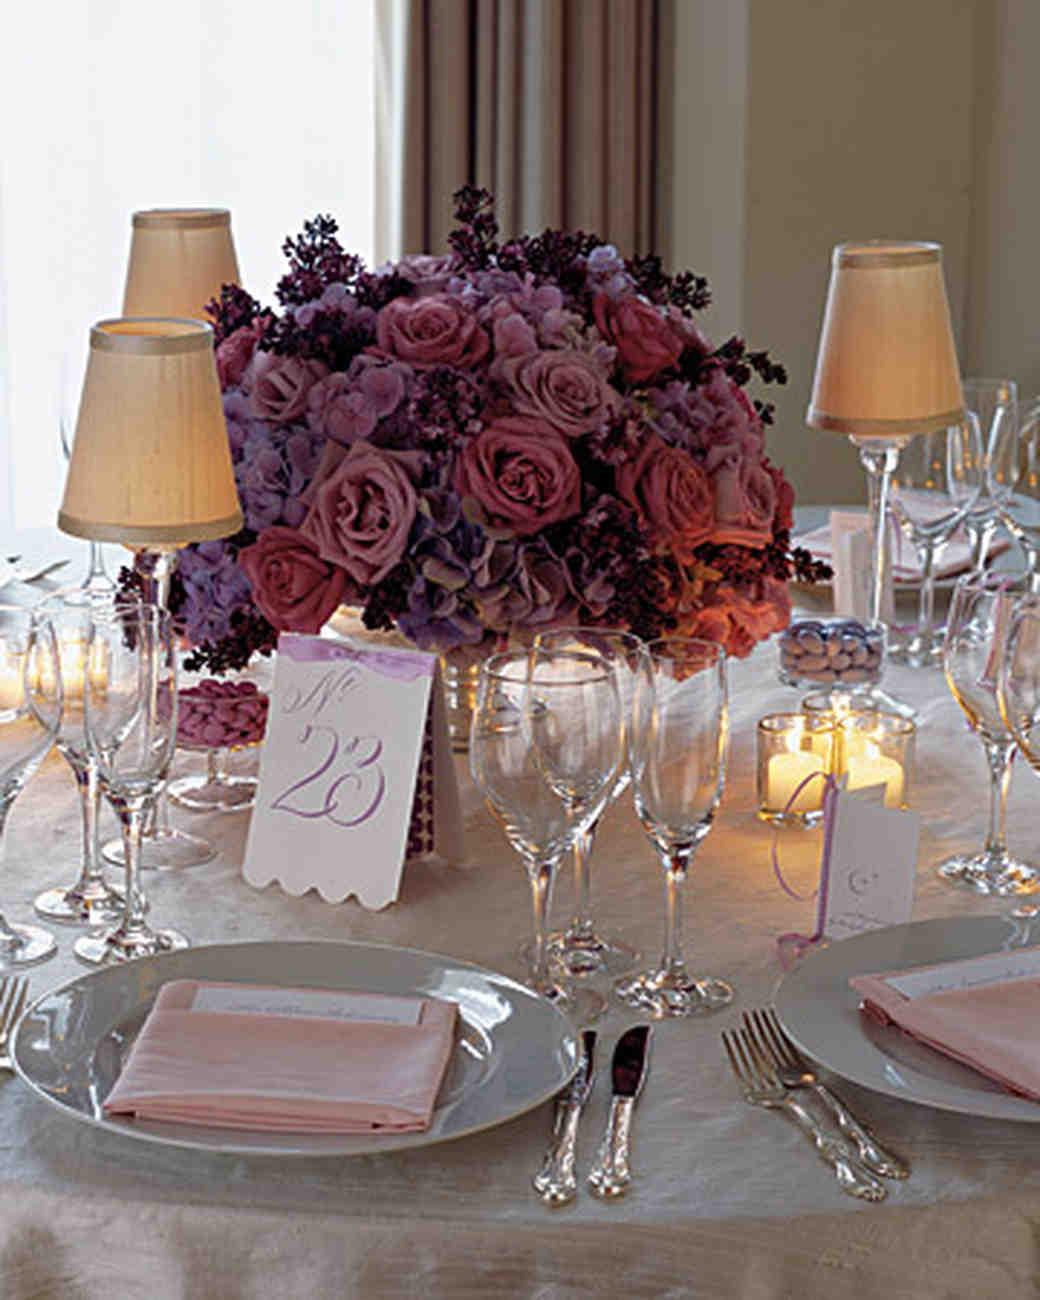 Martha Stewart Weddings: Rose Wedding Centerpieces